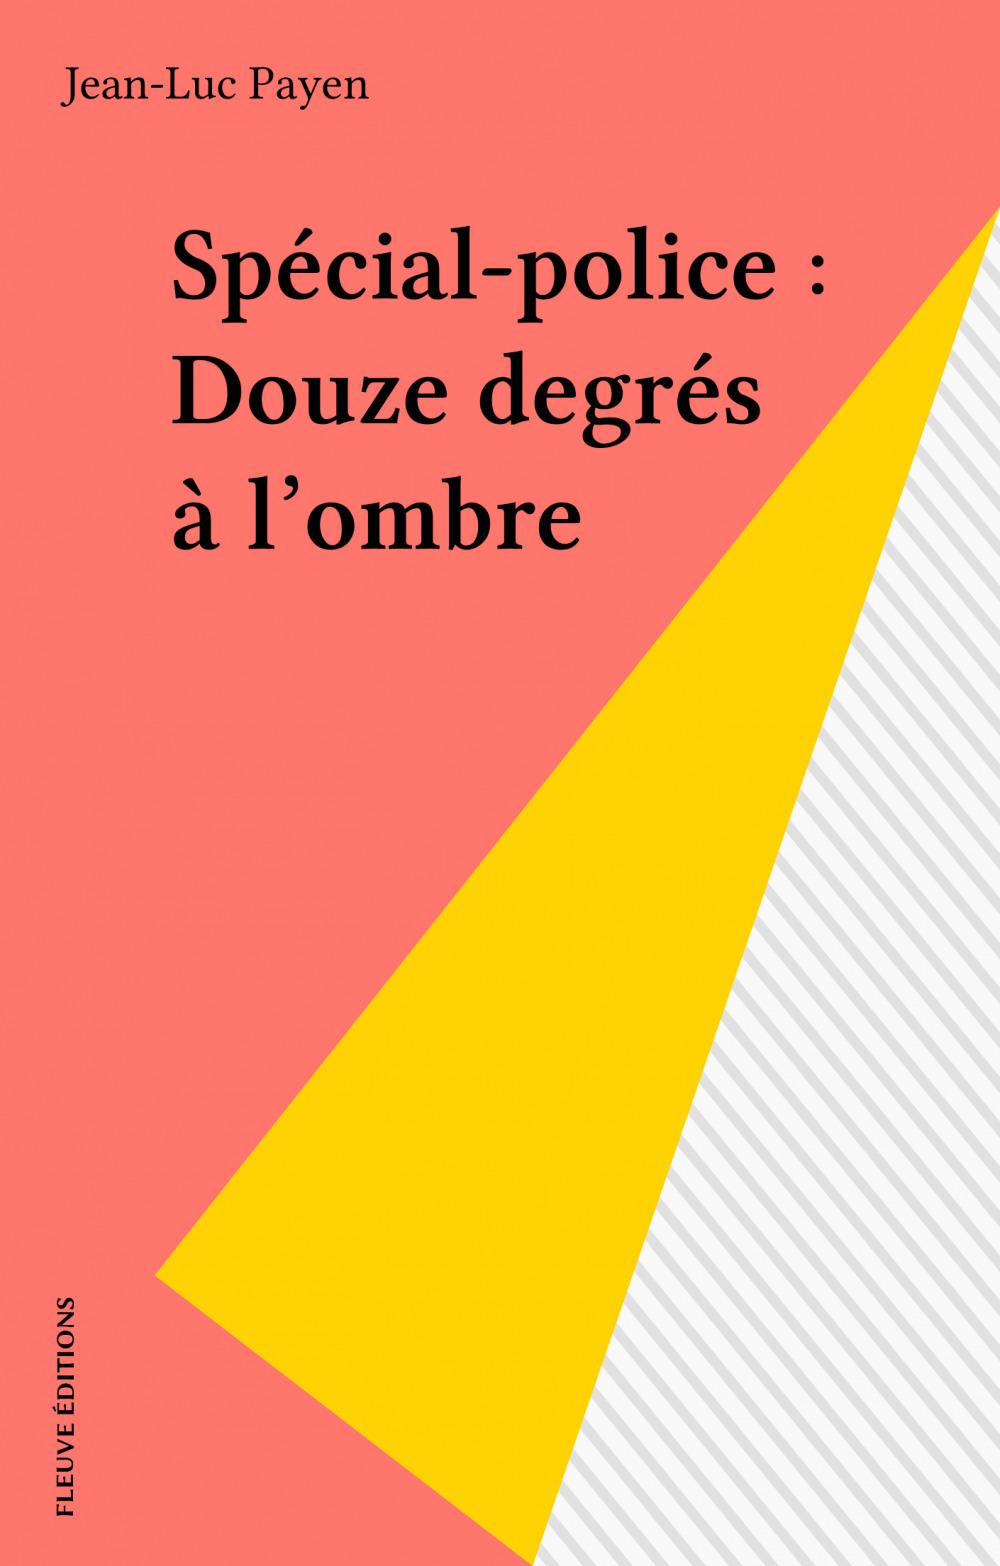 Spécial-police : Douze degrés à l'ombre  - Jean-Luc Payen